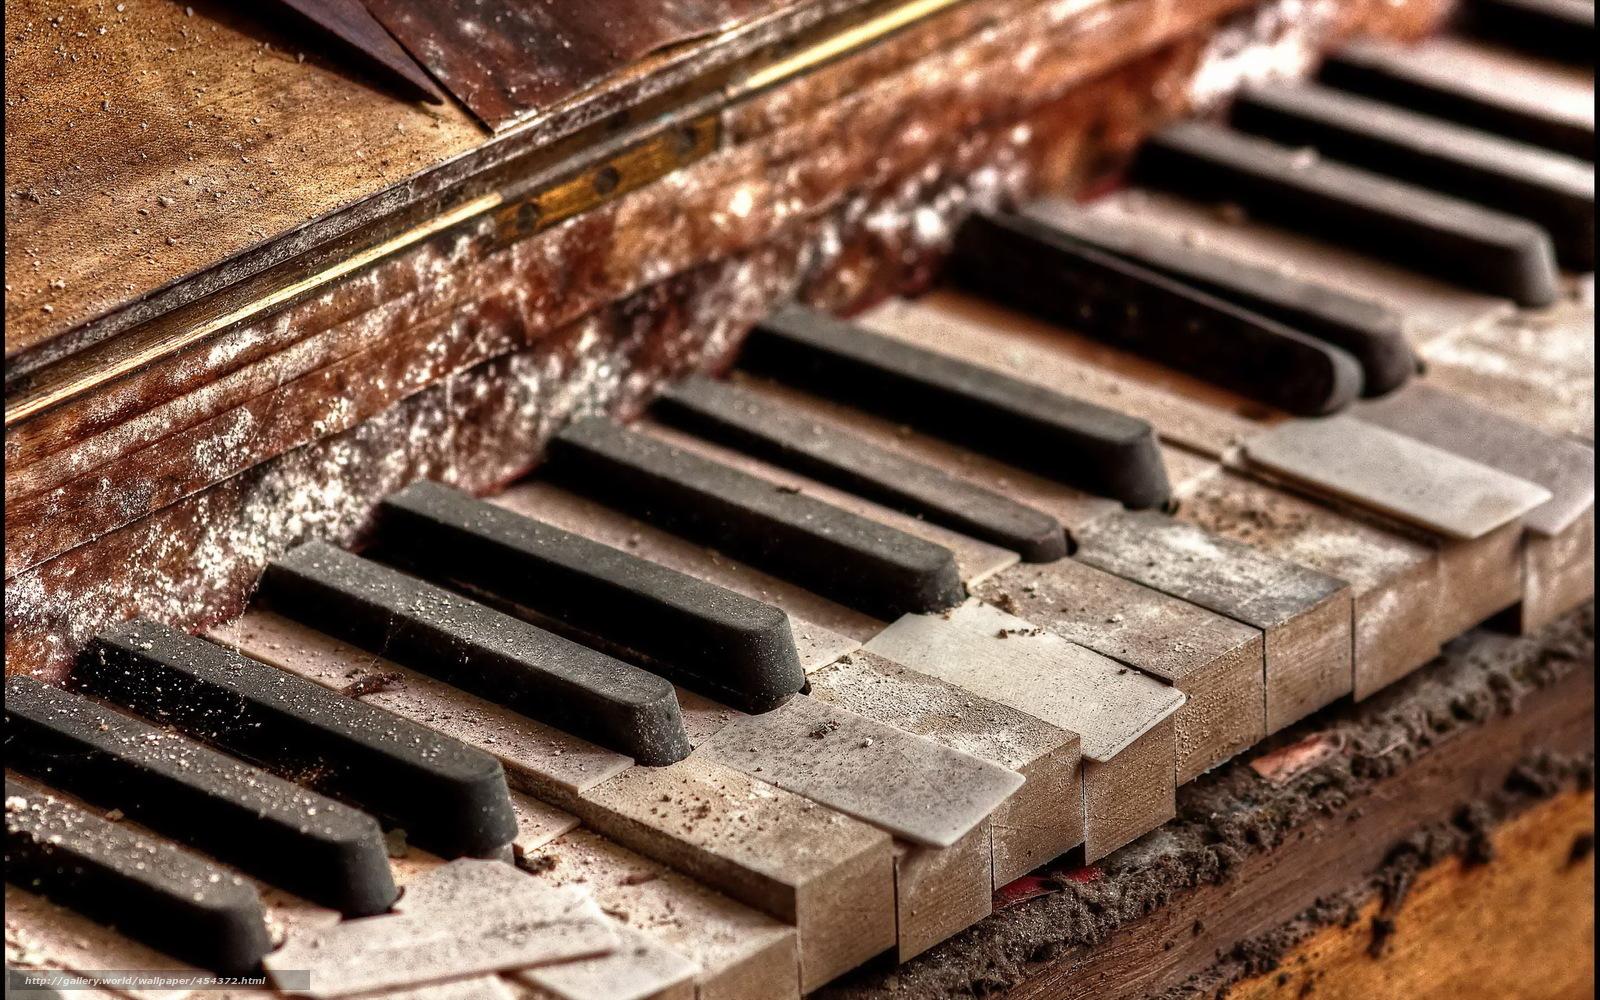 tlcharger fond d 39 ecran piano musique fond fonds d 39 ecran gratuits pour votre rsolution du. Black Bedroom Furniture Sets. Home Design Ideas